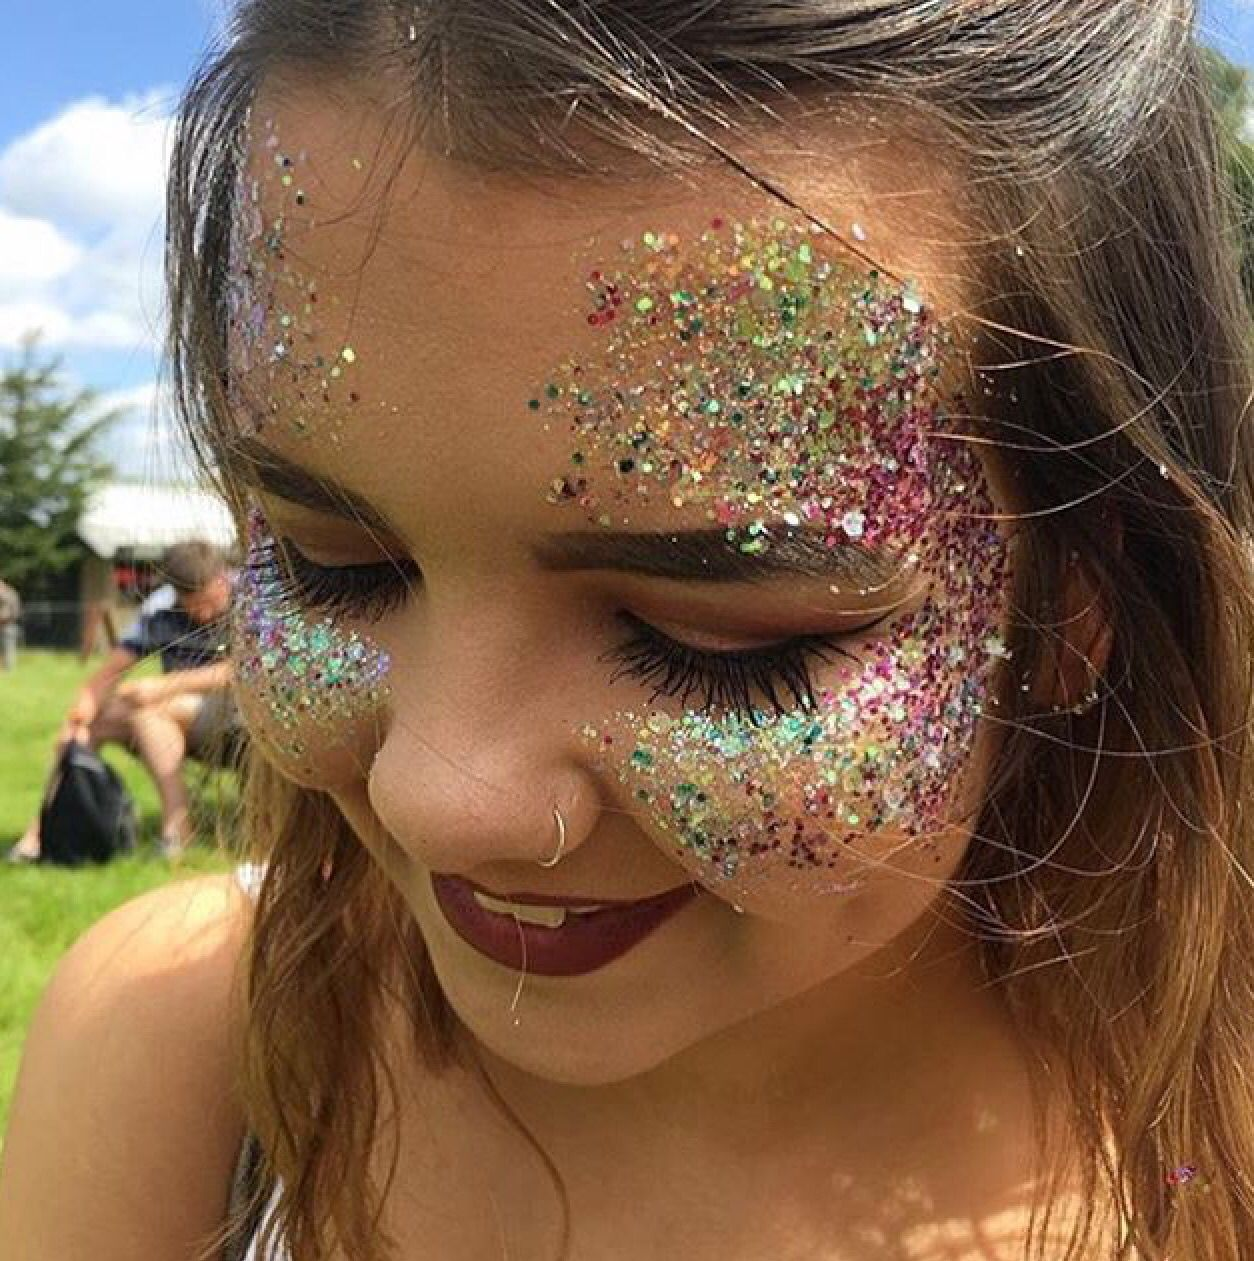 festival glitter makeup in 2019